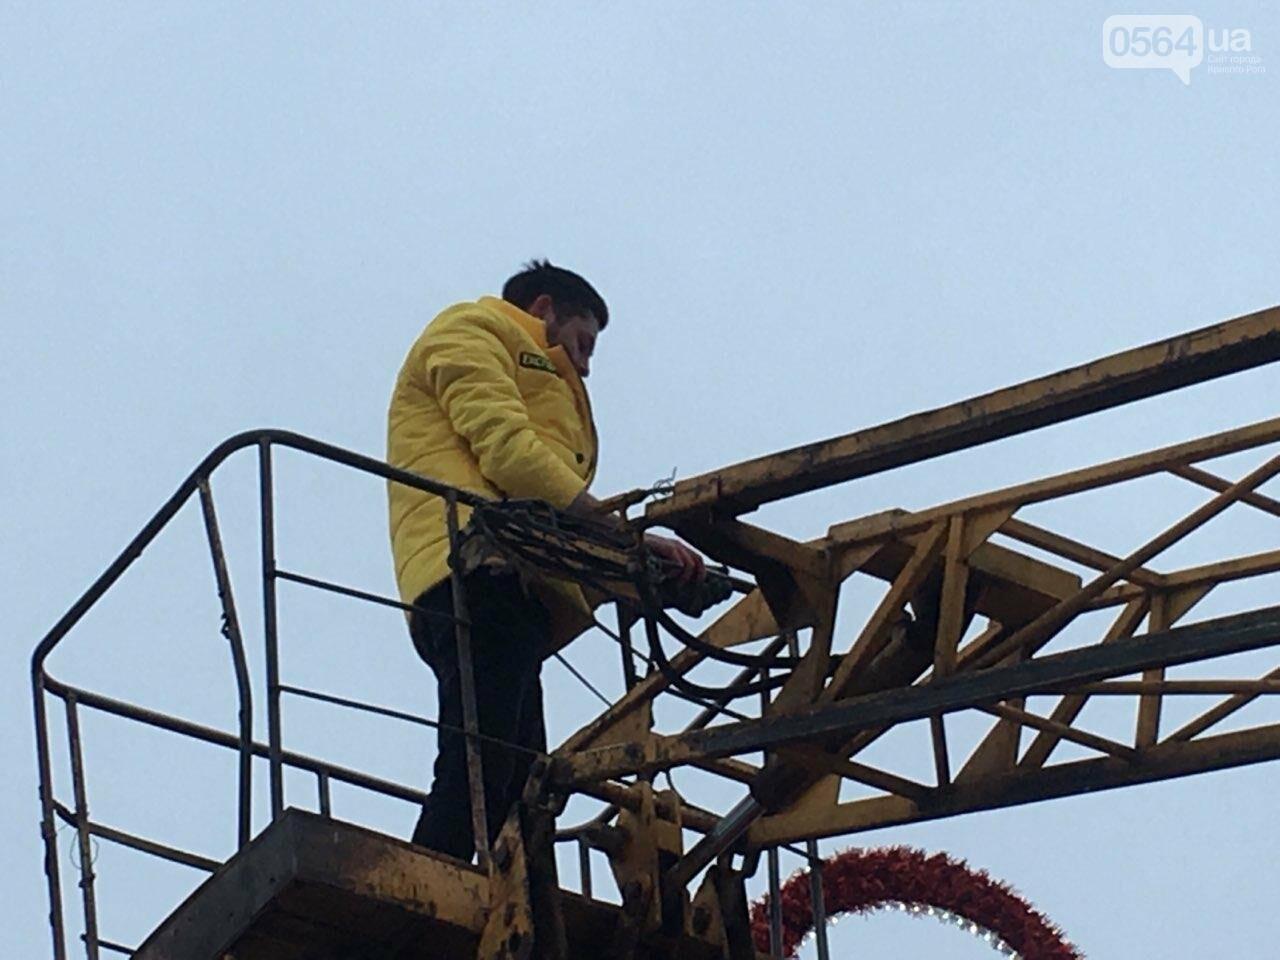 В День Святого Николая в Кривом Роге установили рекорд Украины, - ФОТО, ВИДЕО , фото-2